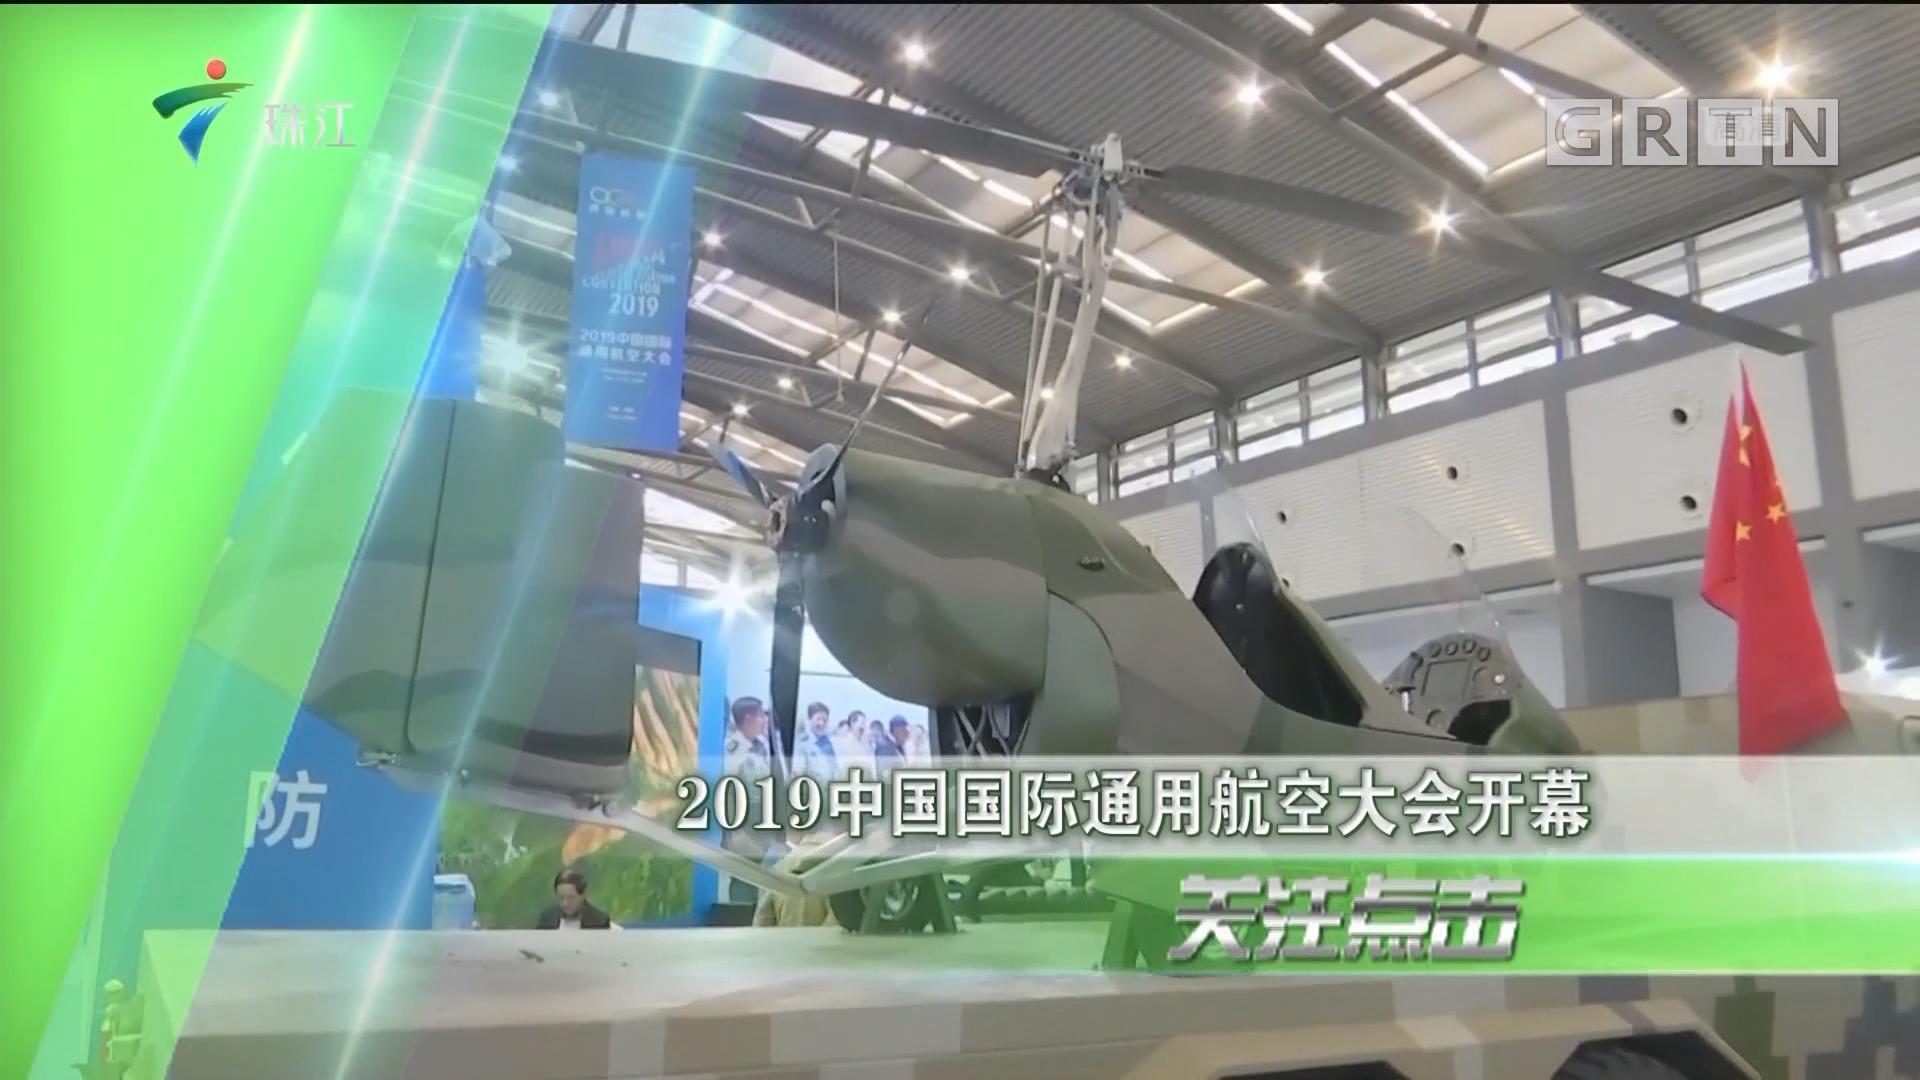 2019中国国际通用航空大会开幕